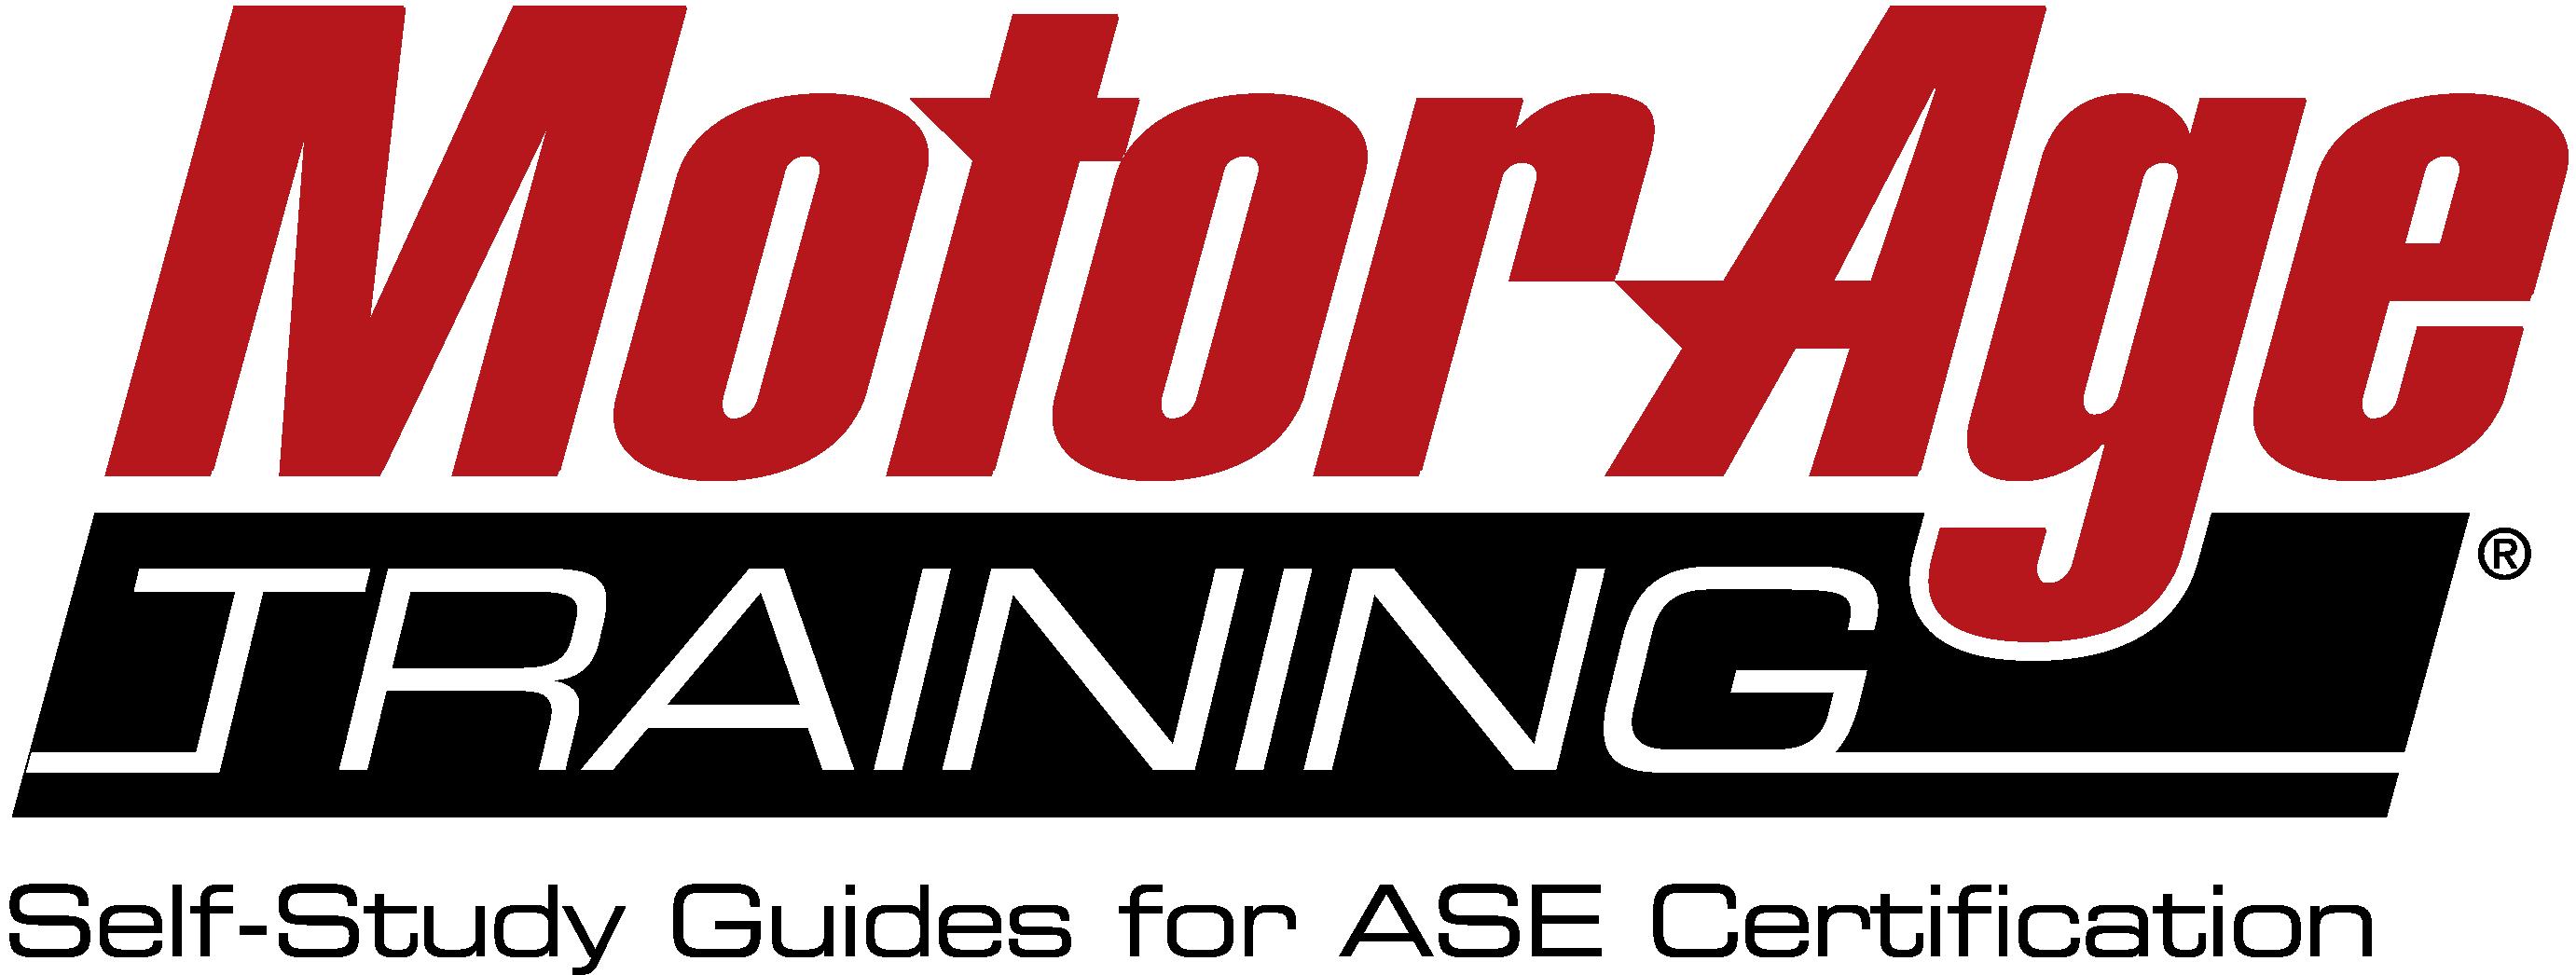 MotorAgeTraining_logo (white back)